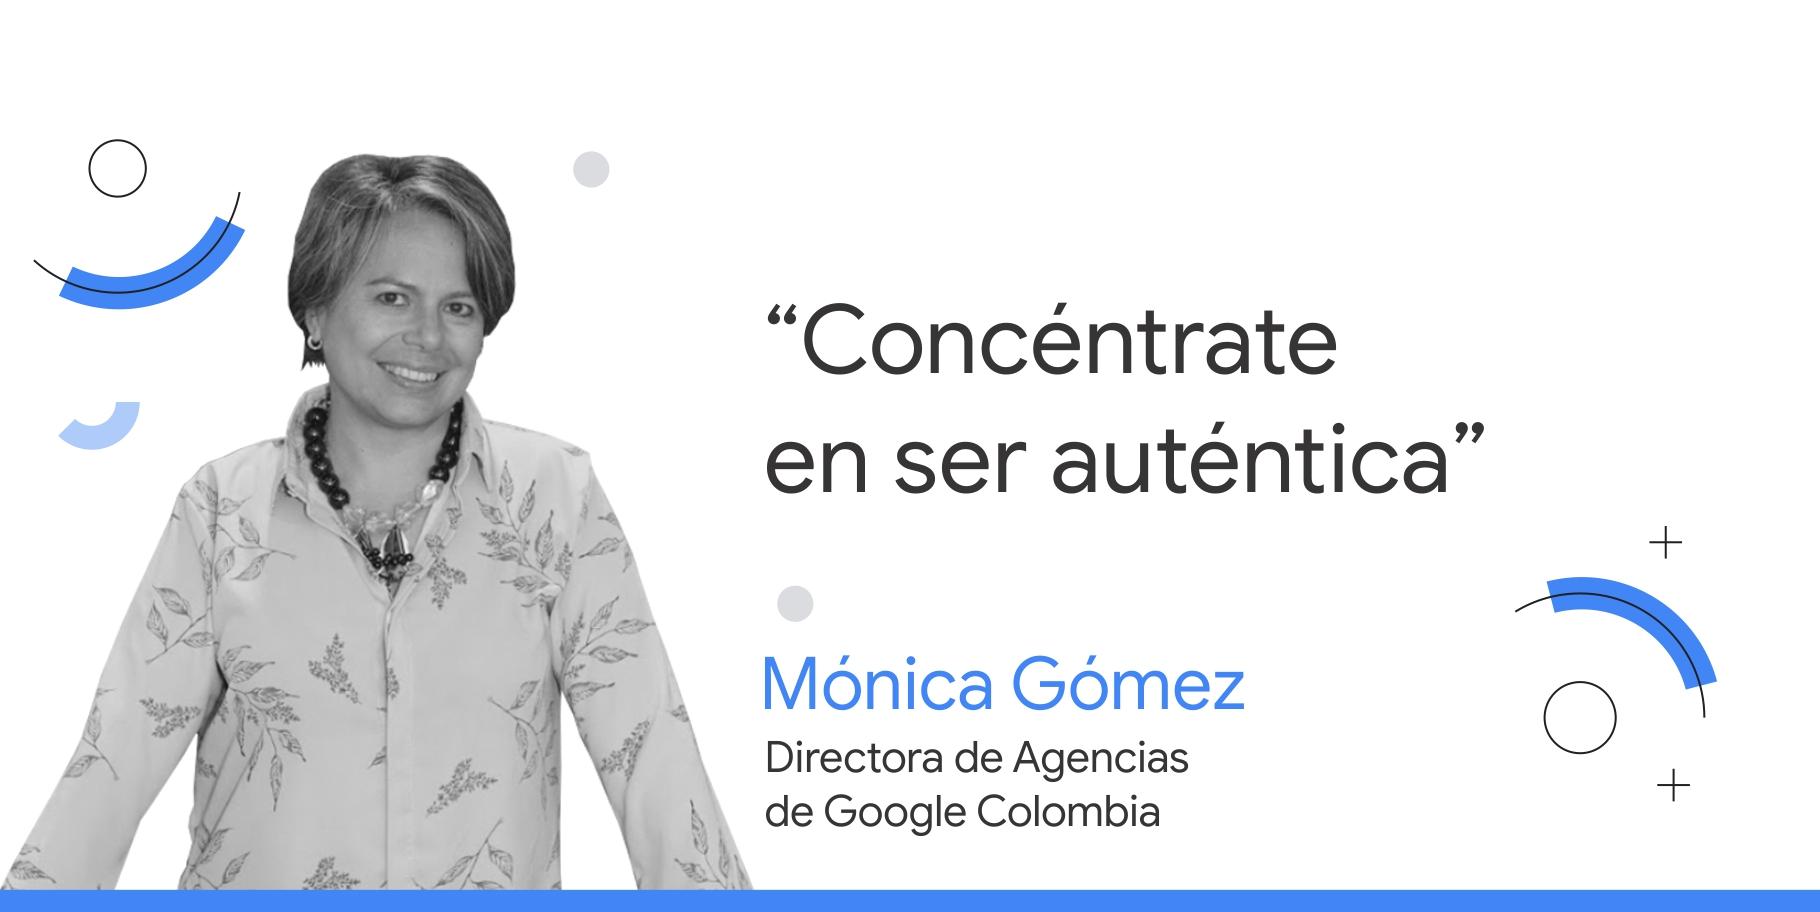 """Foto en blanco y negro de Mónica Gómez, directora de Agencias de Google Colombia, junto al consejo que dice: """"Concéntrate en ser auténtica""""."""